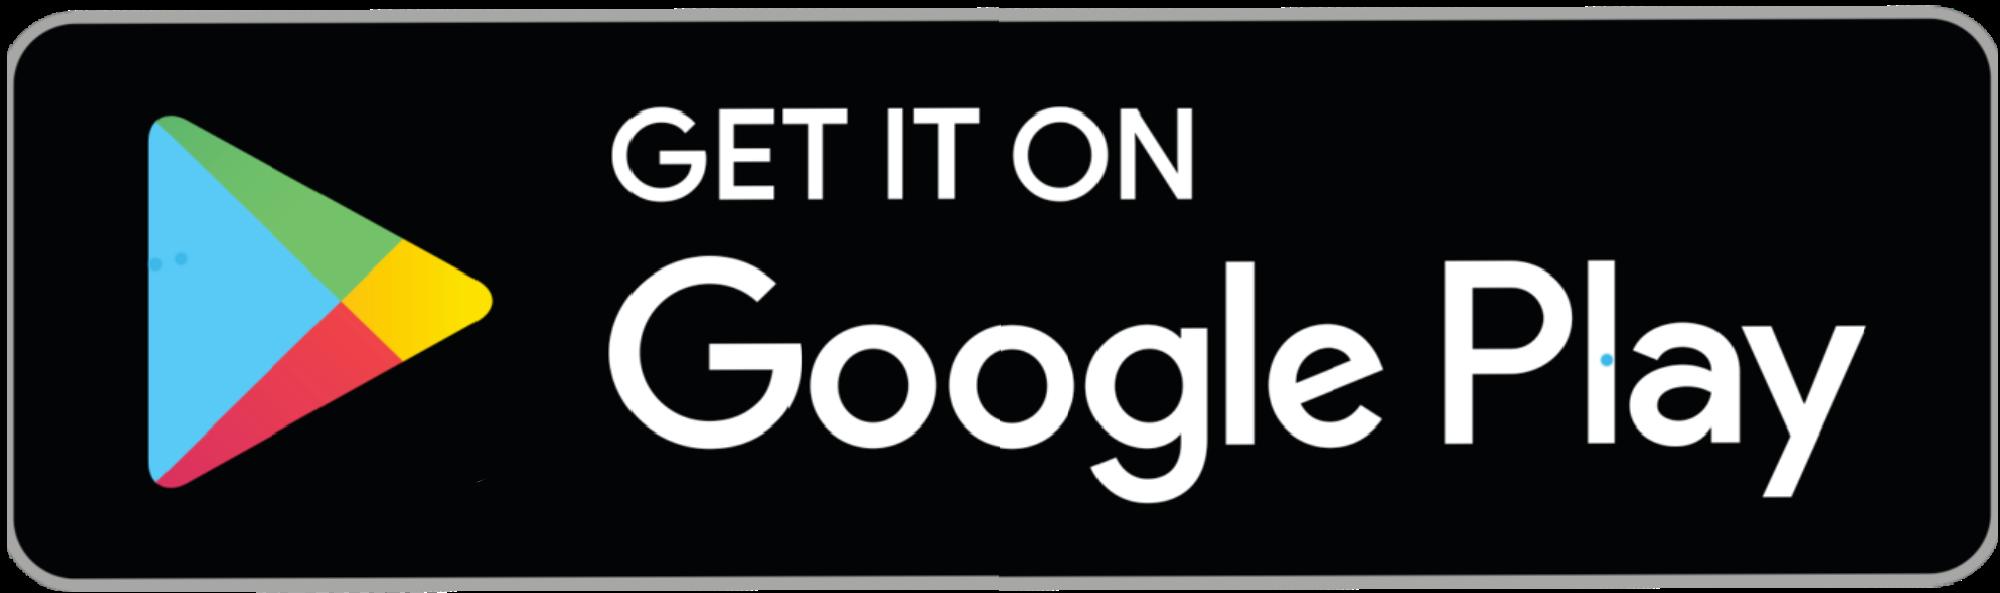 Reset_Cafe_Google.PNG